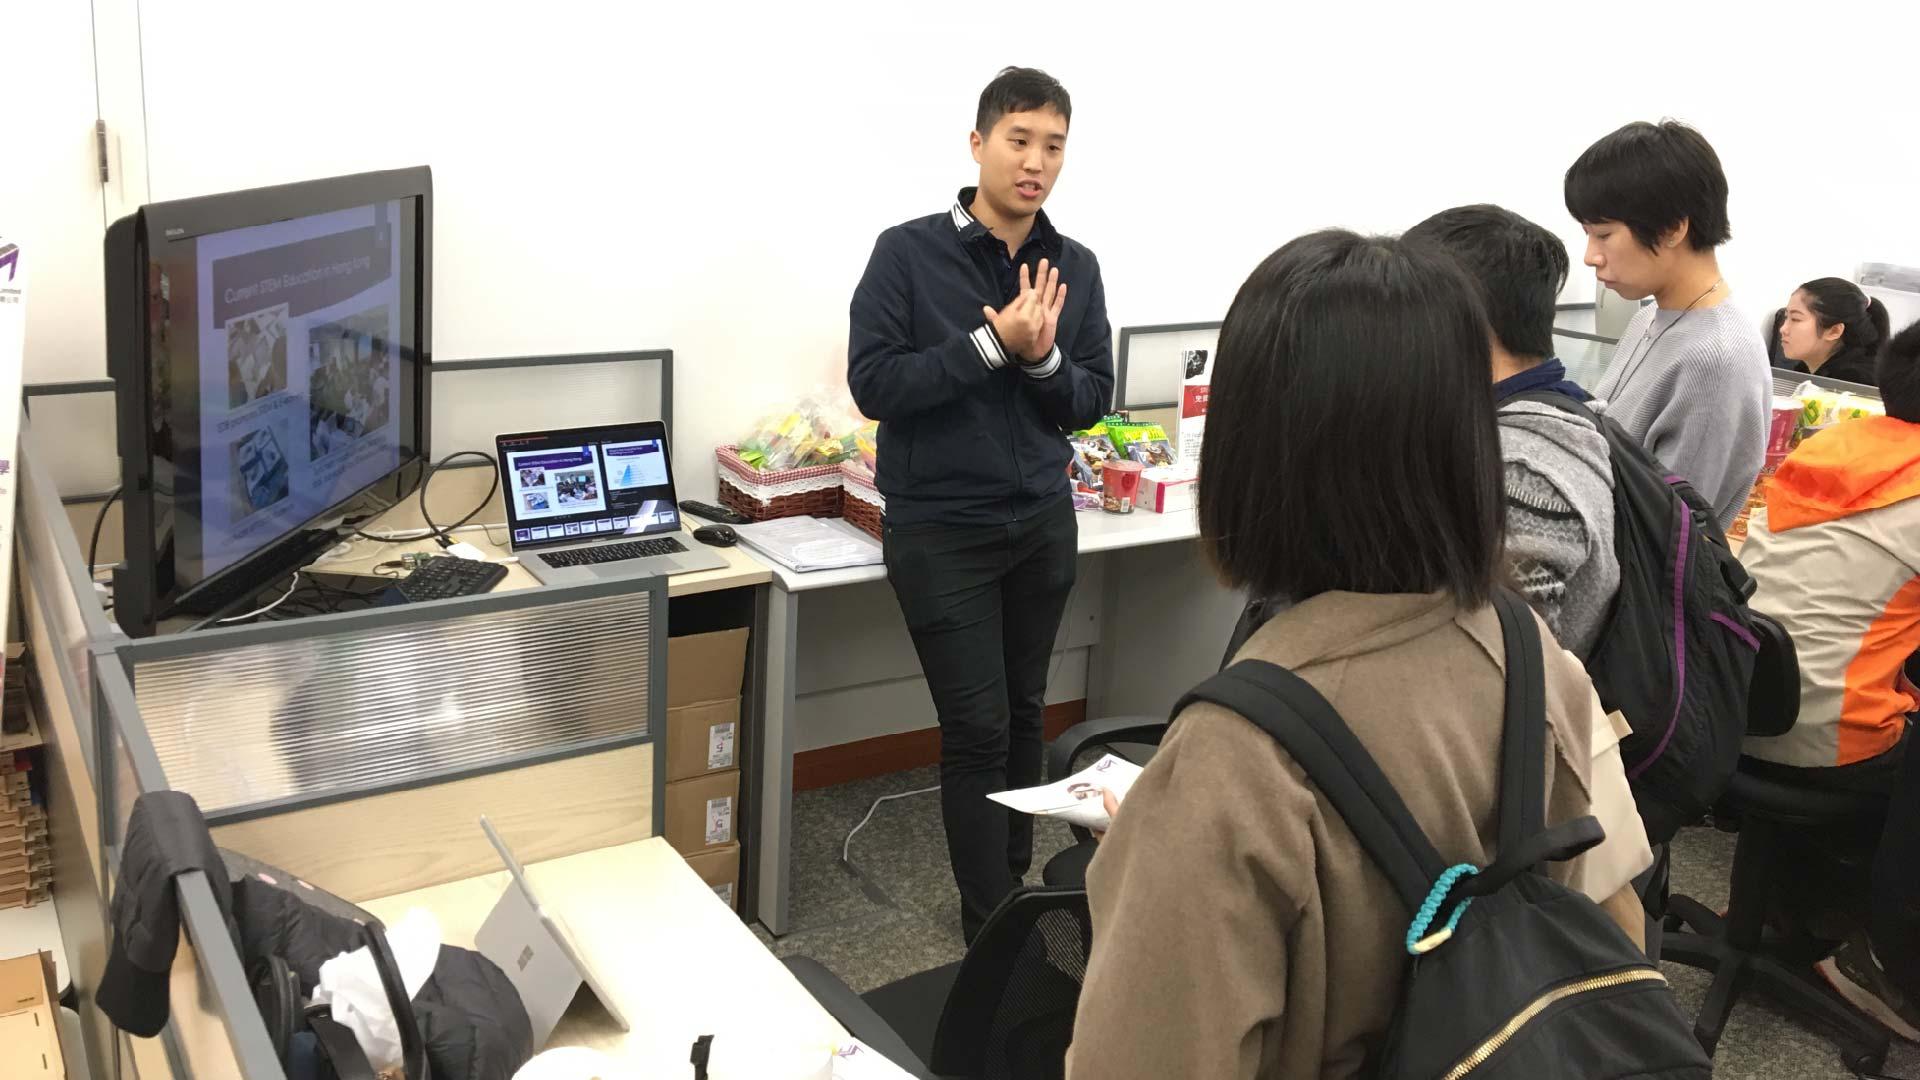 The Hong Kong Federation Of Youth Groups visit 3